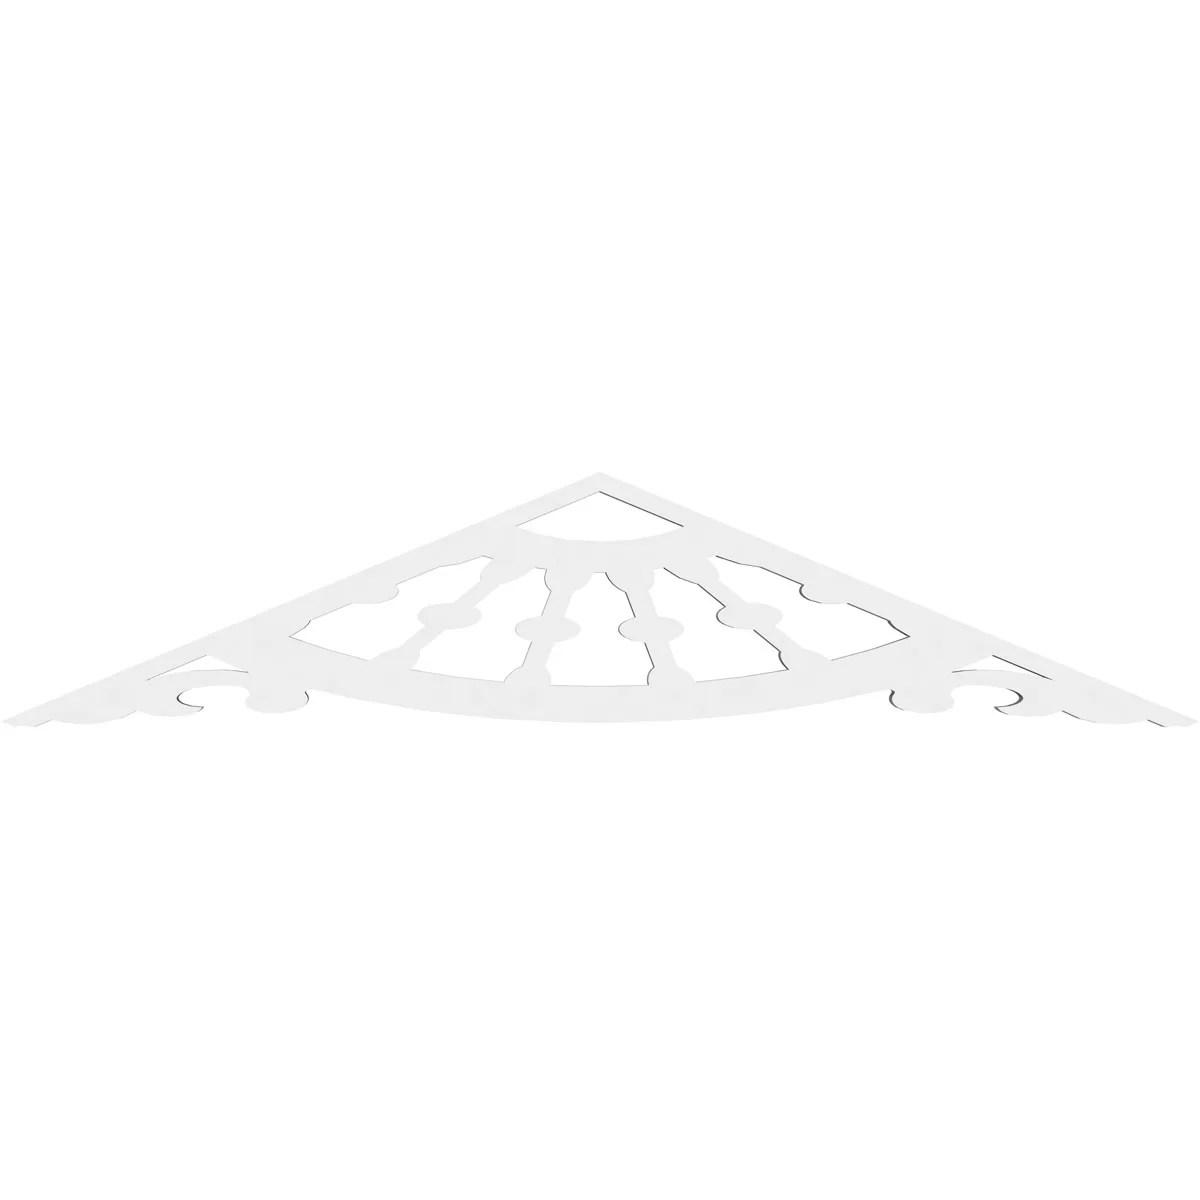 Ekena Millwork Wagon Wheel Architectural Grade Pvc Gable